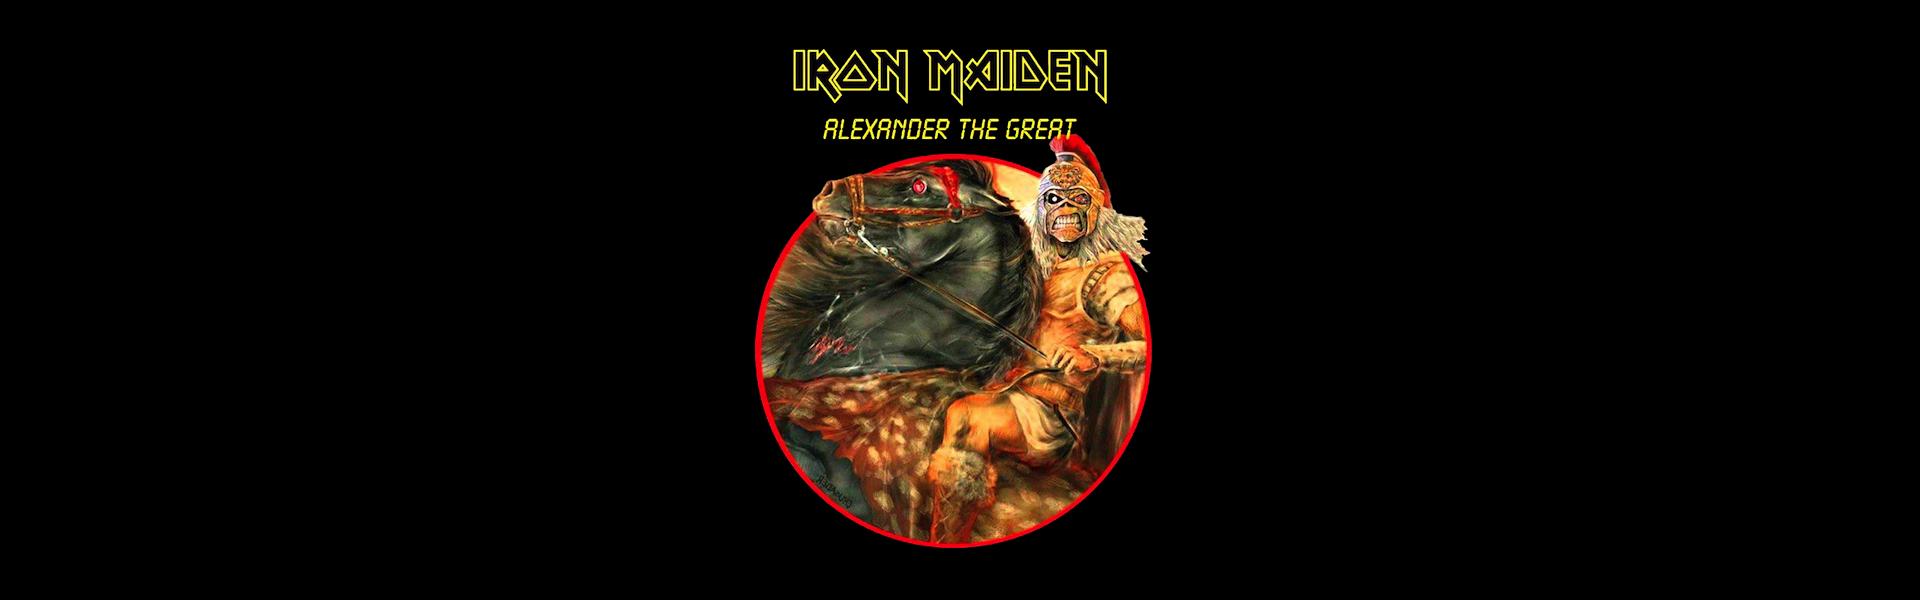 Alexander de Grote in moderne liedjesteksten